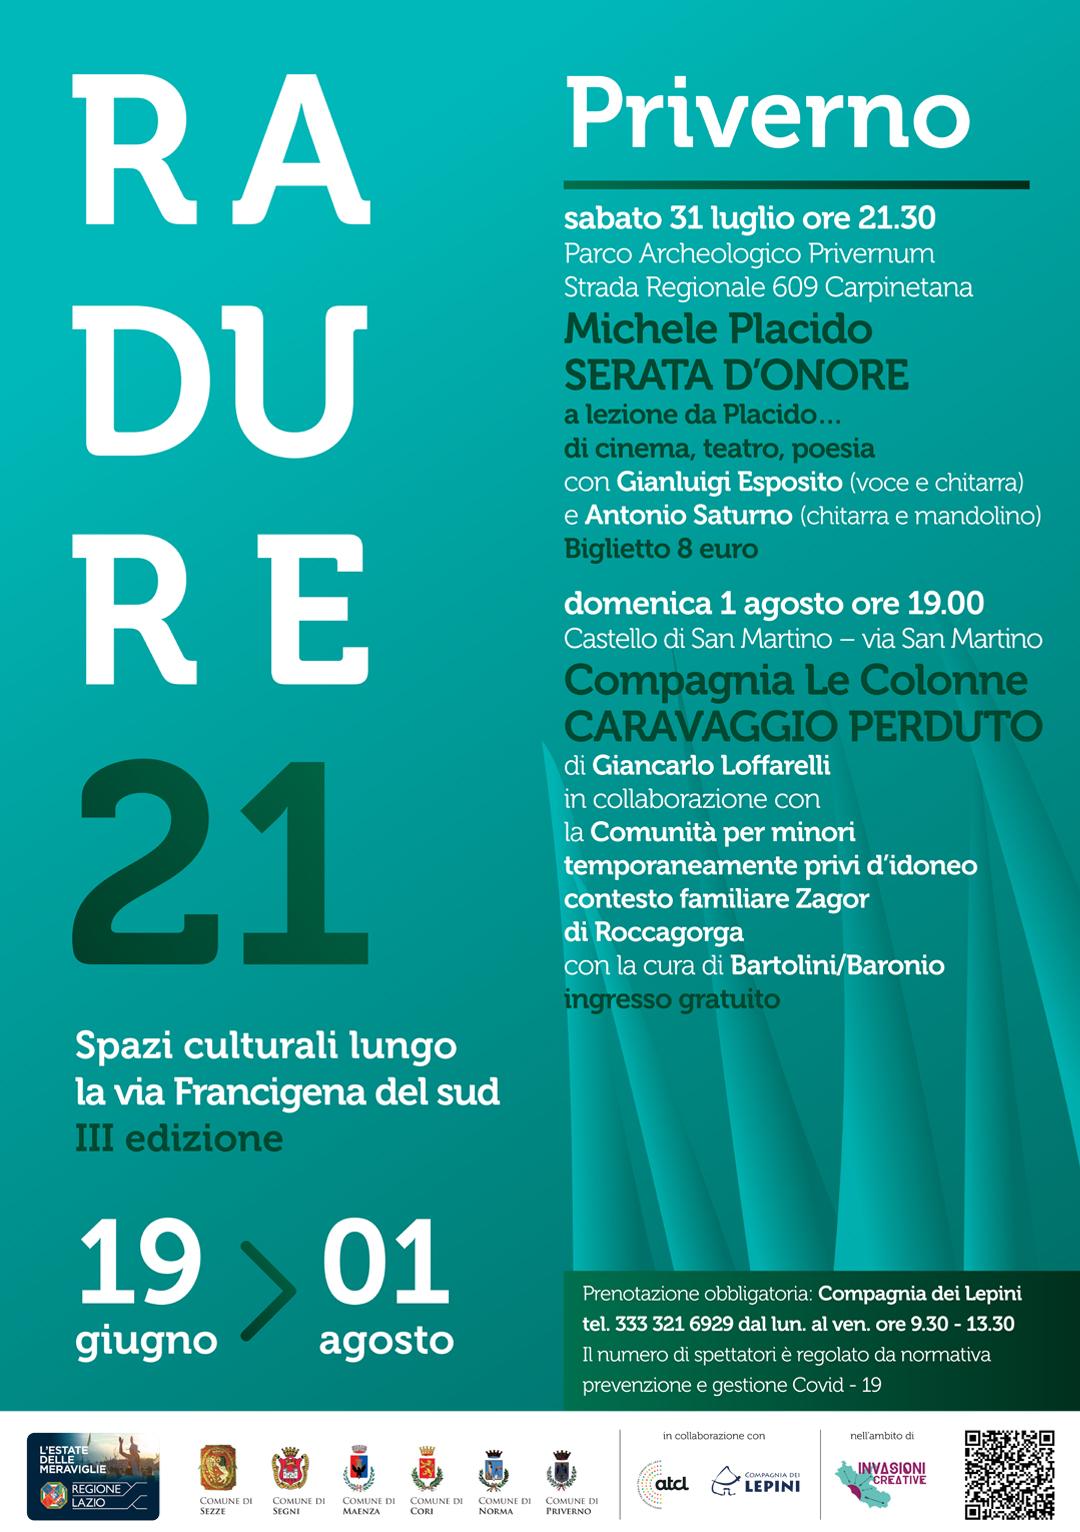 Radure 2021 Priverno: Caravaggio perduto @ Castello di San Martino